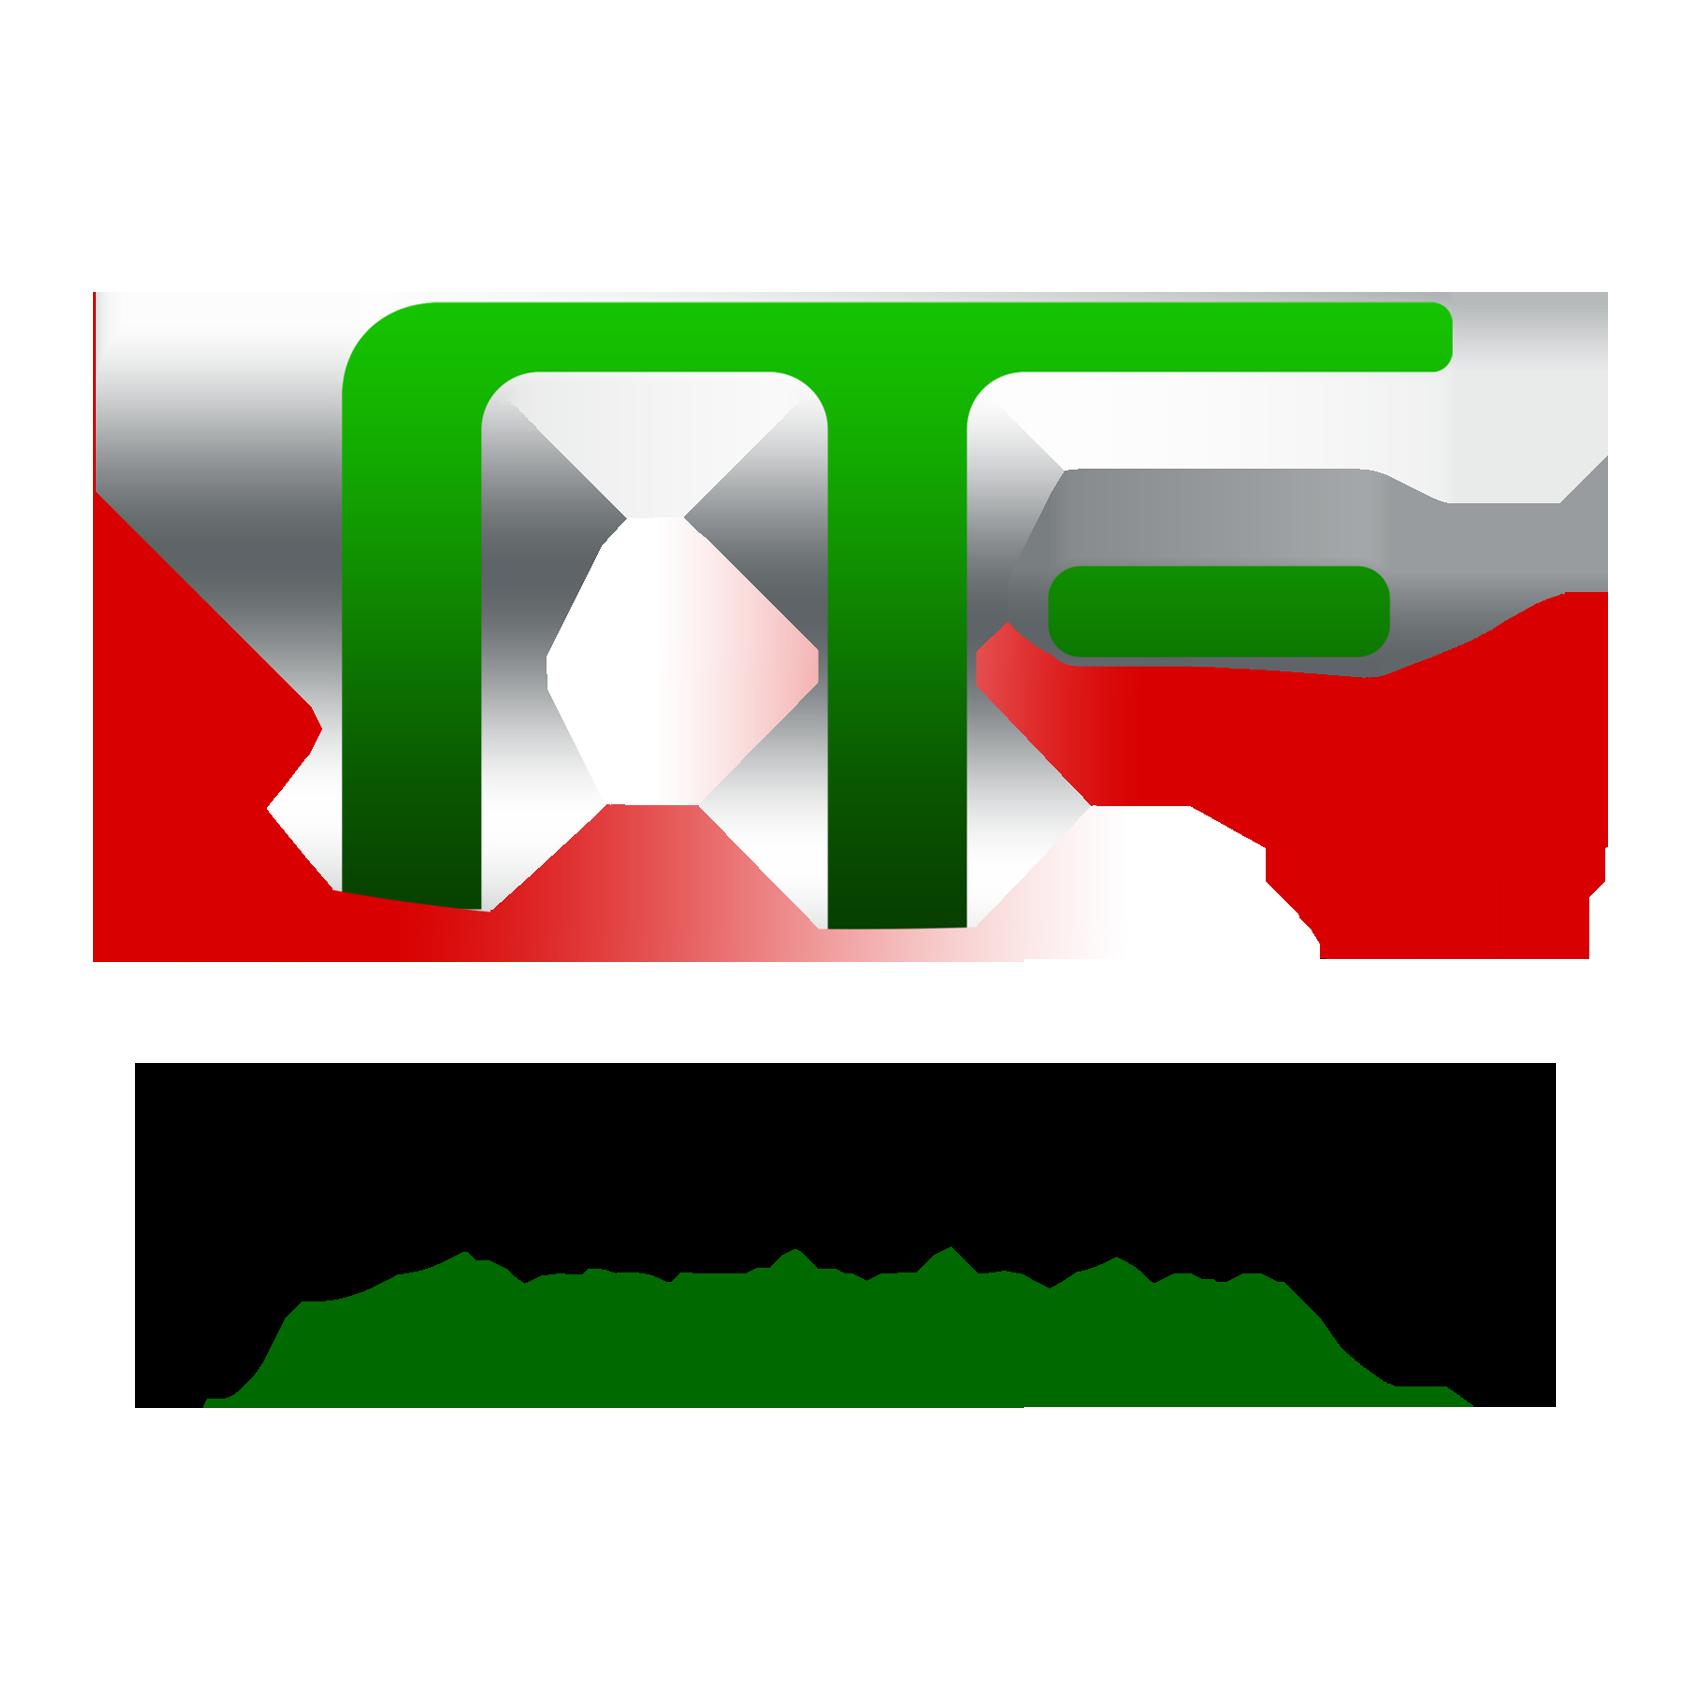 Quadro elétrico e disjuntores: entenda a função e importância | Nova Força Engenharia ElétricaNova Força Engenharia Elétrica